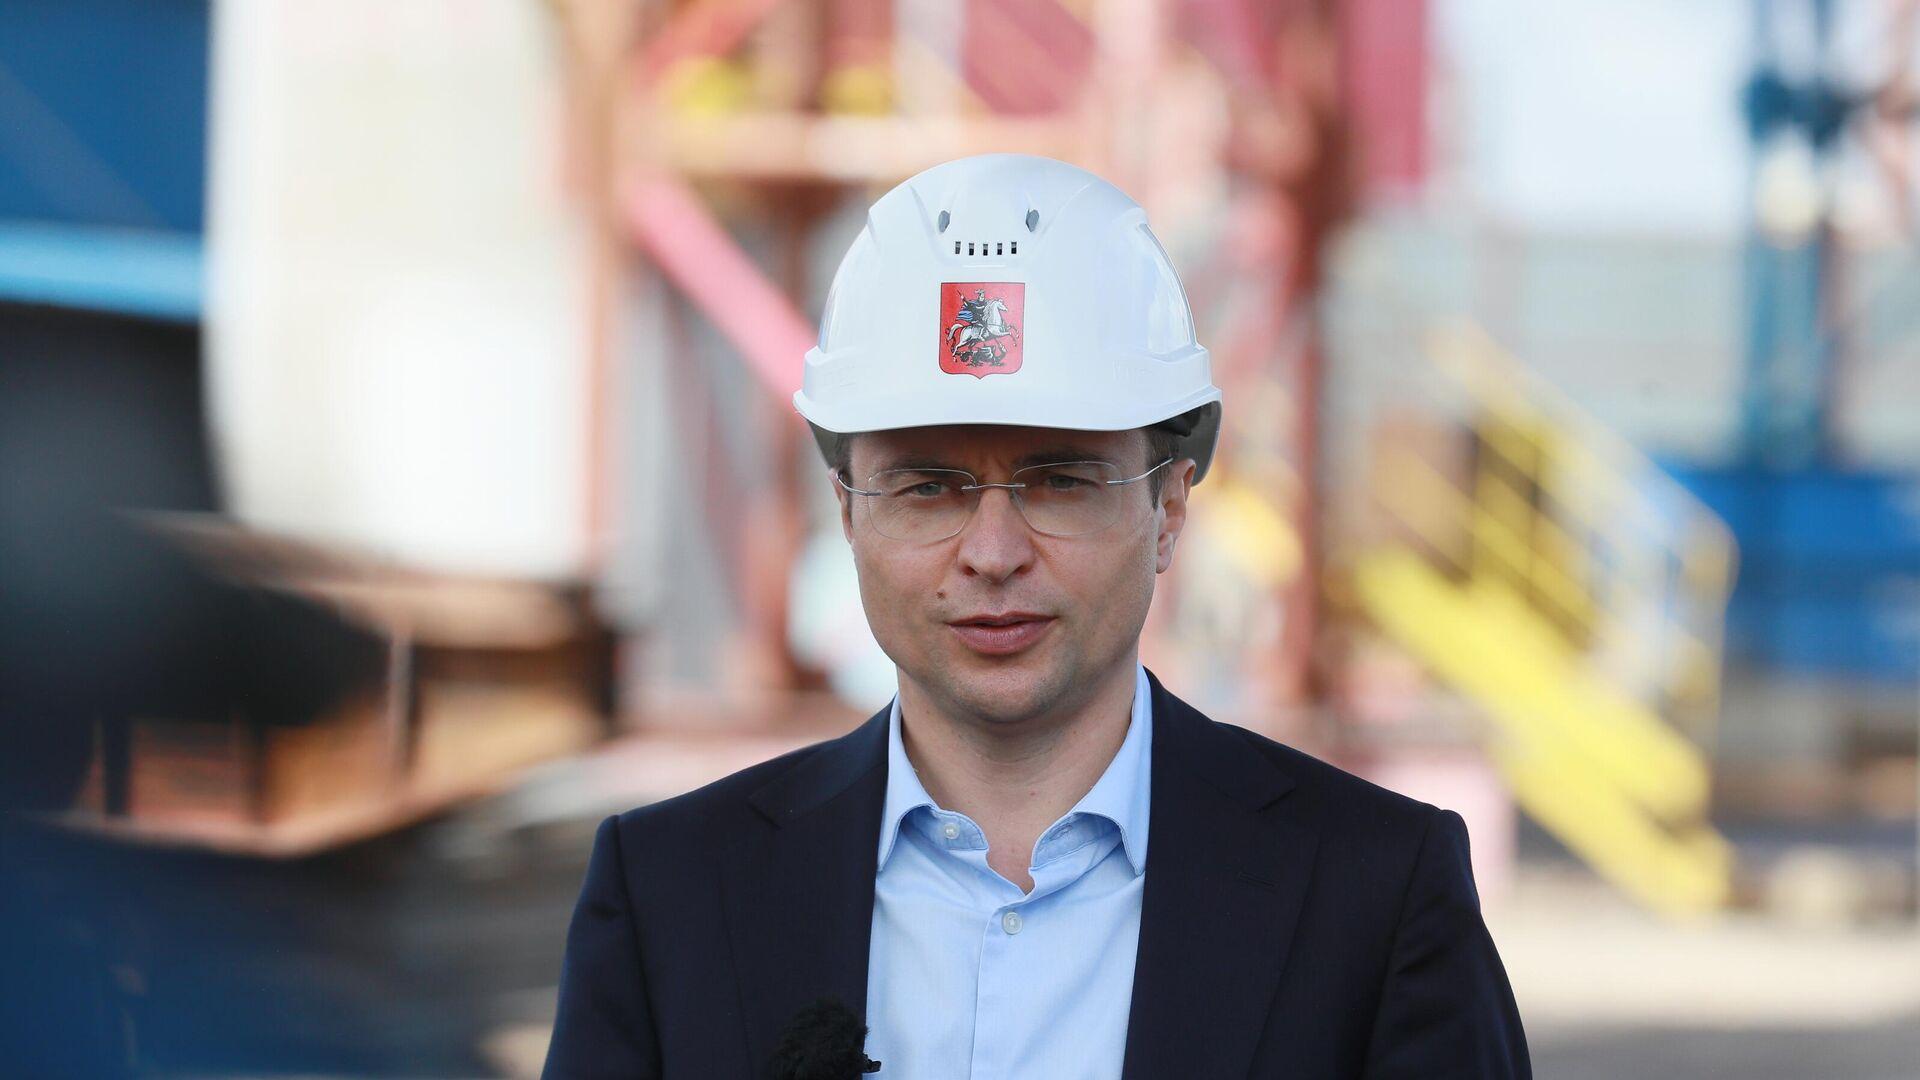 Руководитель департамента строительства города Москвы Рафик Загрутдинов - РИА Новости, 1920, 02.04.2021